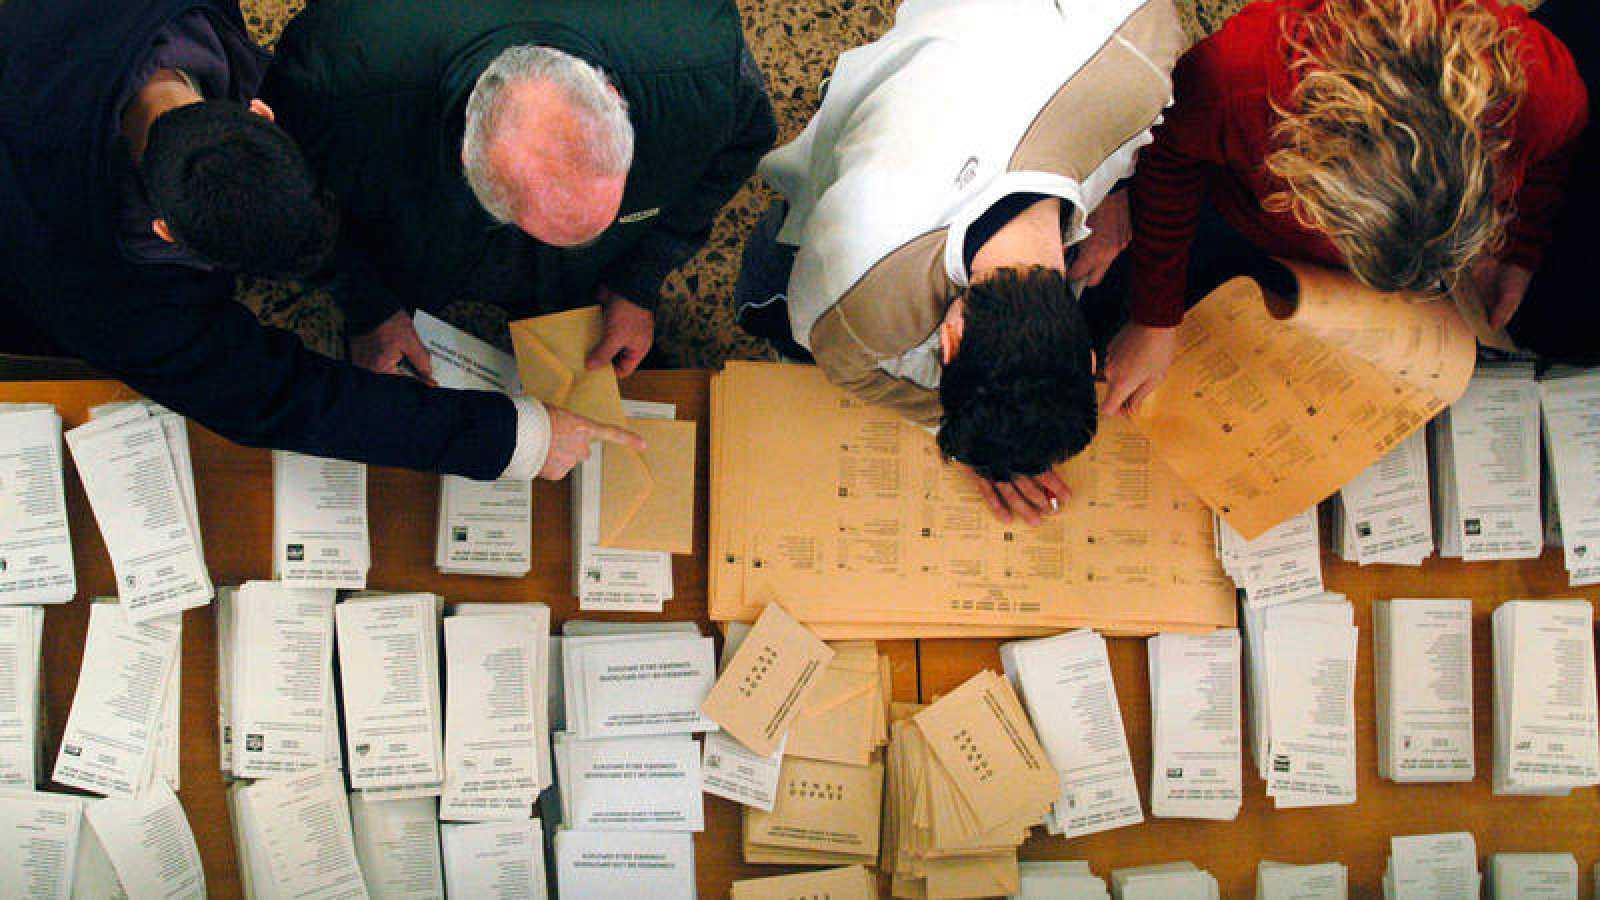 Cuatro ciudadanos contempla las multiples posibilidades antes de acudir a las urnas en una imagen de archivo.